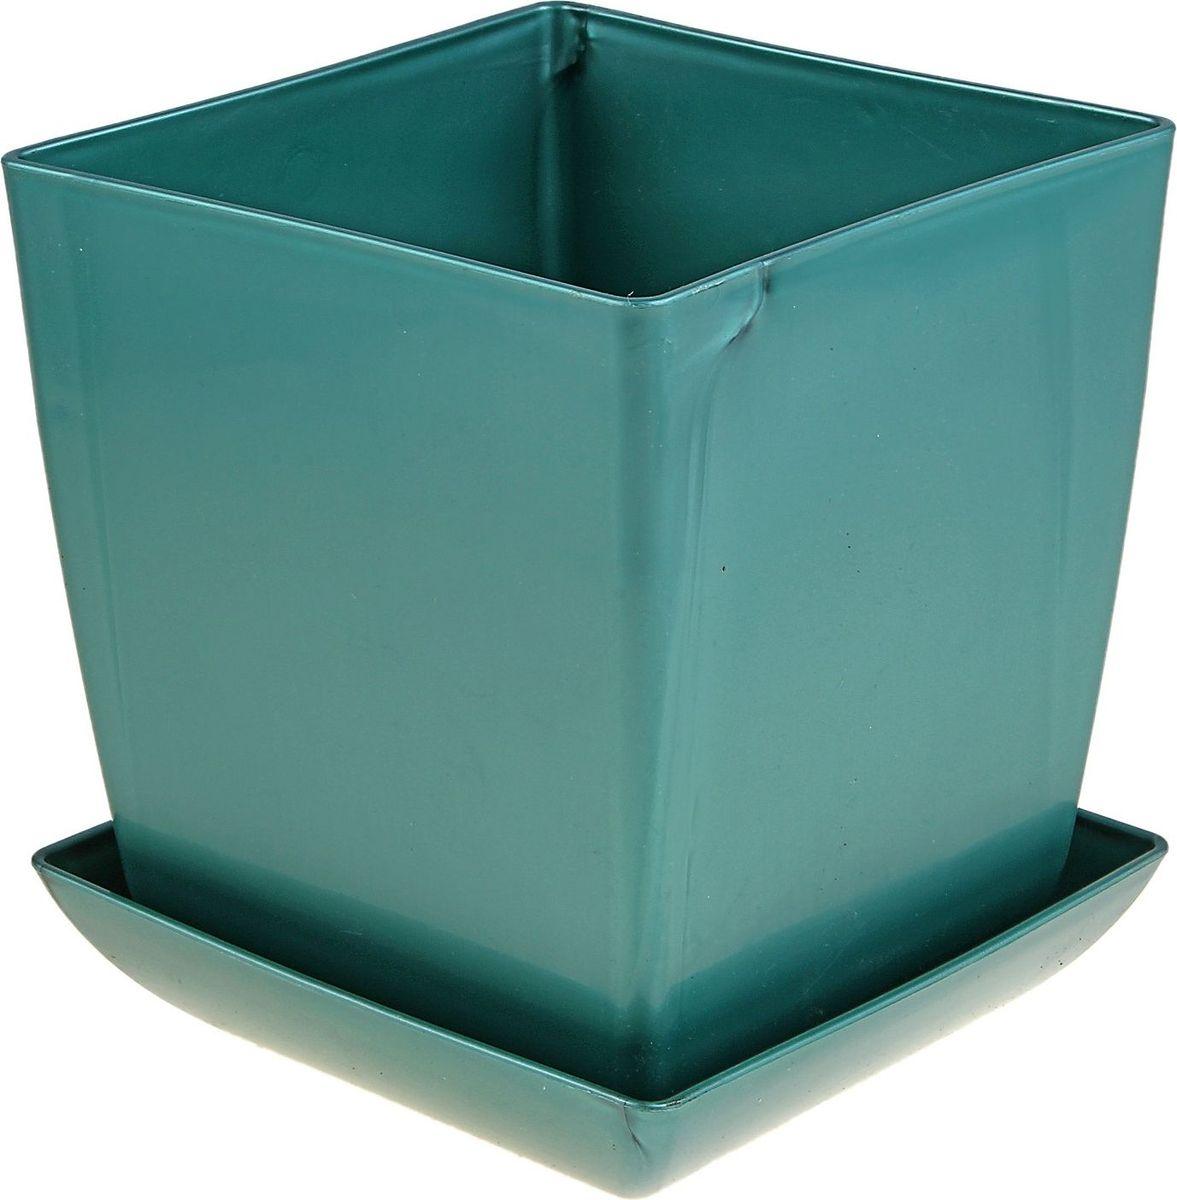 Горшок для цветов Мегапласт Квадрат, с поддоном, цвет: бирюзовый перламутр, 3,5 л624958Горшок для цветов Мегапласт Квадрат обладает малым весом и высокой прочностью. С лёгкостью переносите горшки и кашпо с места на место, ставьте их на столики или полки, подвешивайте под потолок, не беспокоясь о нагрузке. Пластиковые изделия не нуждаются в специальных условиях хранения. Их легко чистить - достаточно просто сполоснуть тёплой водой. Пластиковые кашпо не царапают и не загрязняют поверхности, на которых стоят. Пластик дольше хранит влагу, а значит растение реже нуждается в поливе.Пластмасса не пропускает воздух, а значит, корневой системе растения не грозят резкие перепады температур. Соблюдая нехитрые правила ухода, вы можете заметно продлить срок службы горшков, вазонов и кашпо из пластика:- всегда учитывайте размер кроны и корневой системы растения (при разрастании большое растение способно повредить маленький горшок). - берегите изделие от воздействия прямых солнечных лучей, чтобы кашпо и горшки не выцветали. - держите кашпо и горшки из пластика подальше от нагревающихся поверхностей. Любой, даже самый современный и продуманный интерьер будет не завершённым без растений. Они не только очищают воздух и насыщают его кислородом, но и заметно украшают окружающее пространство. Такому полезному члену семьи просто необходимо красивое и функциональное кашпо, оригинальный горшок или необычная ваза!